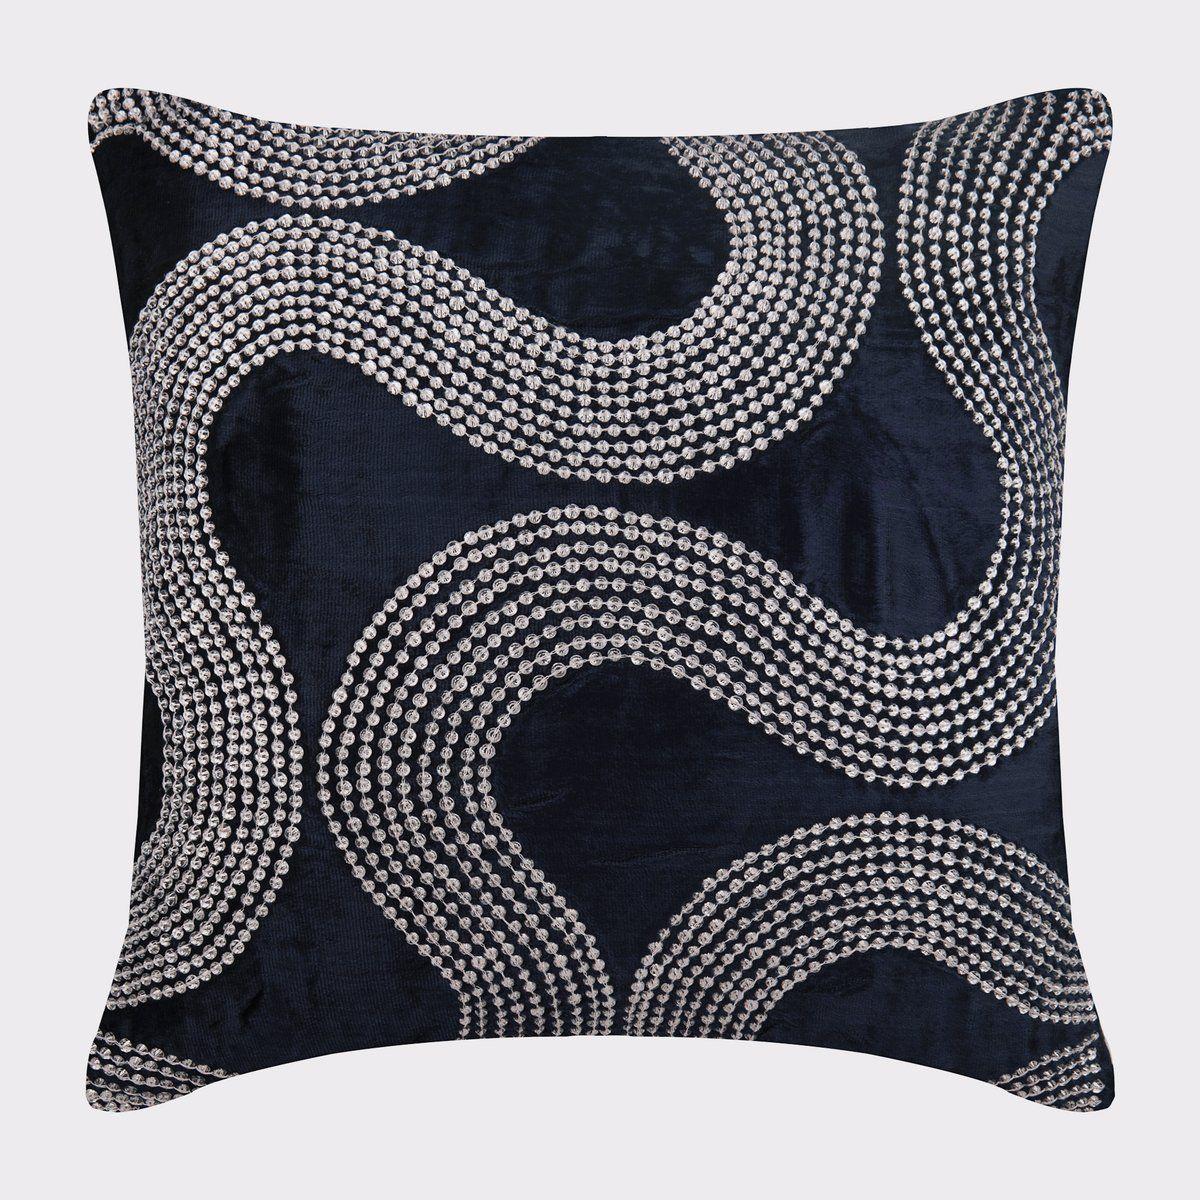 16x16 Designer Navy Blue Throw Pillow